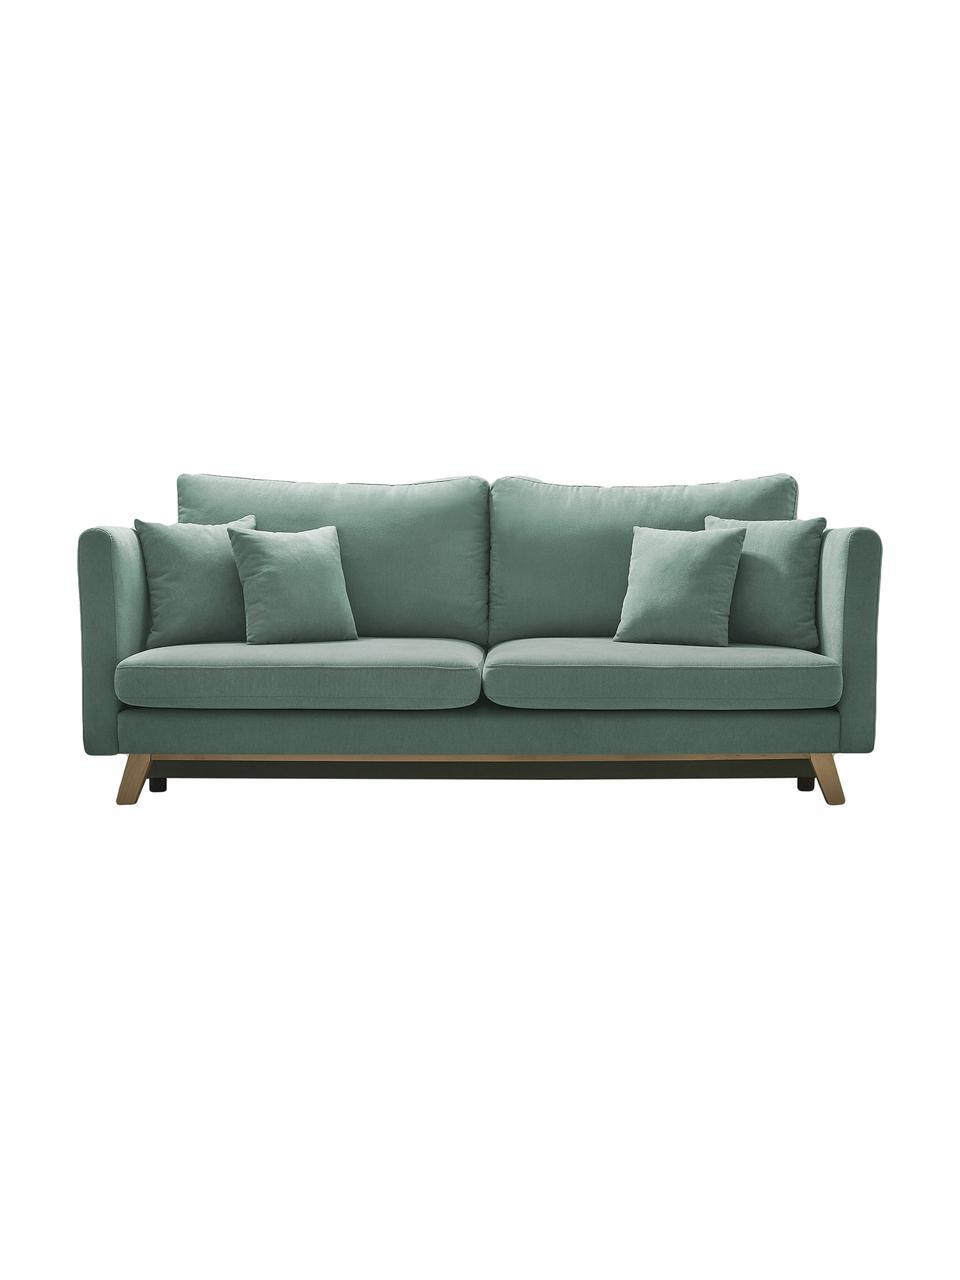 Sofa rozkładana Triplo (3-osobowa), Tapicerka: 100% aksamit poliestrowy , Nogi: metal lakierowany, Zielony miętowy, S 216 x G 105 cm